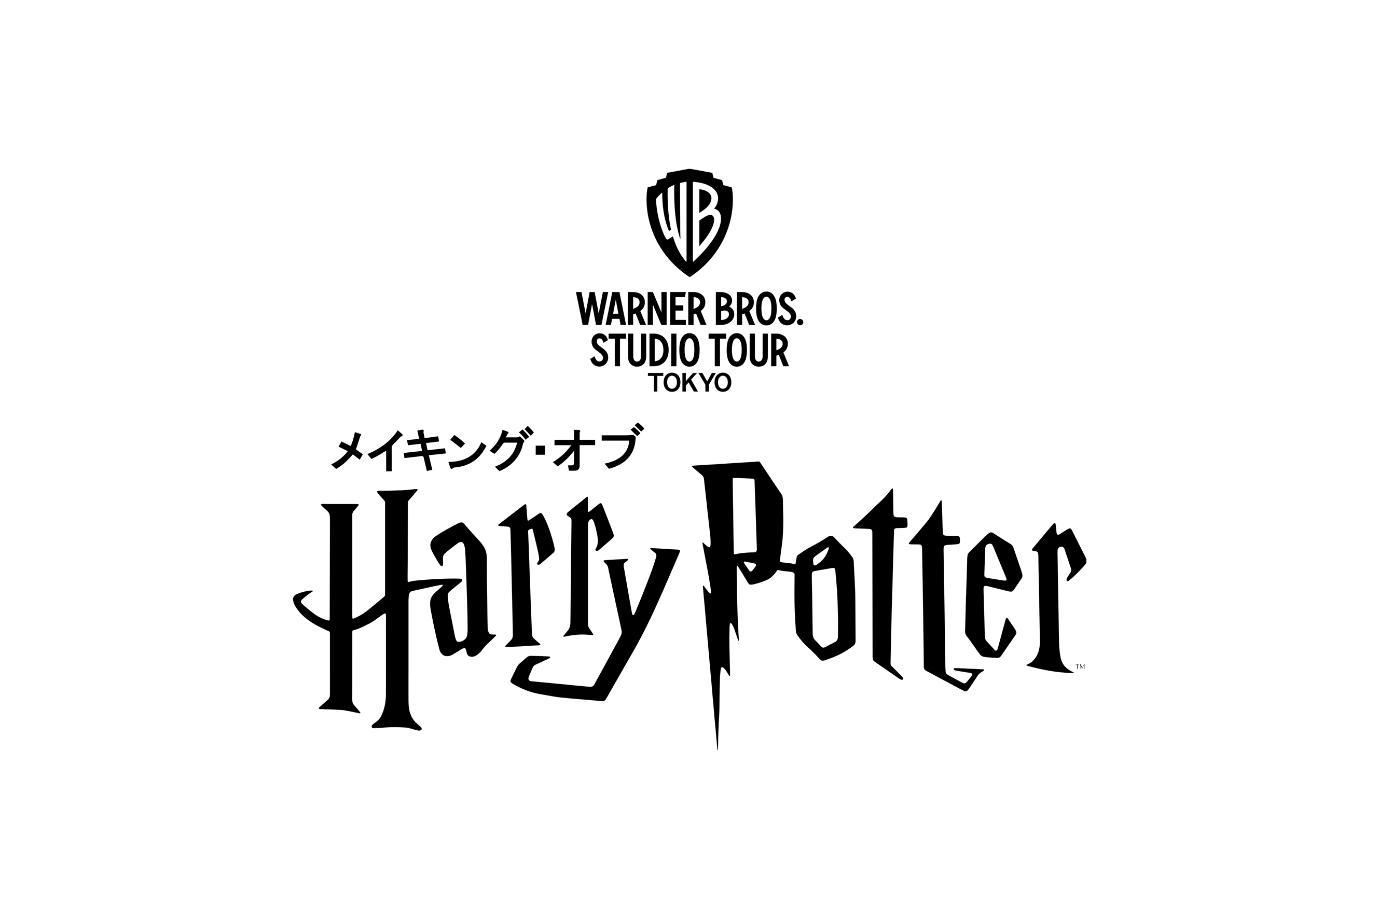 ハリー・ポッタースタジオツアー東京 Harry Potter Tokyo東京哈利波特